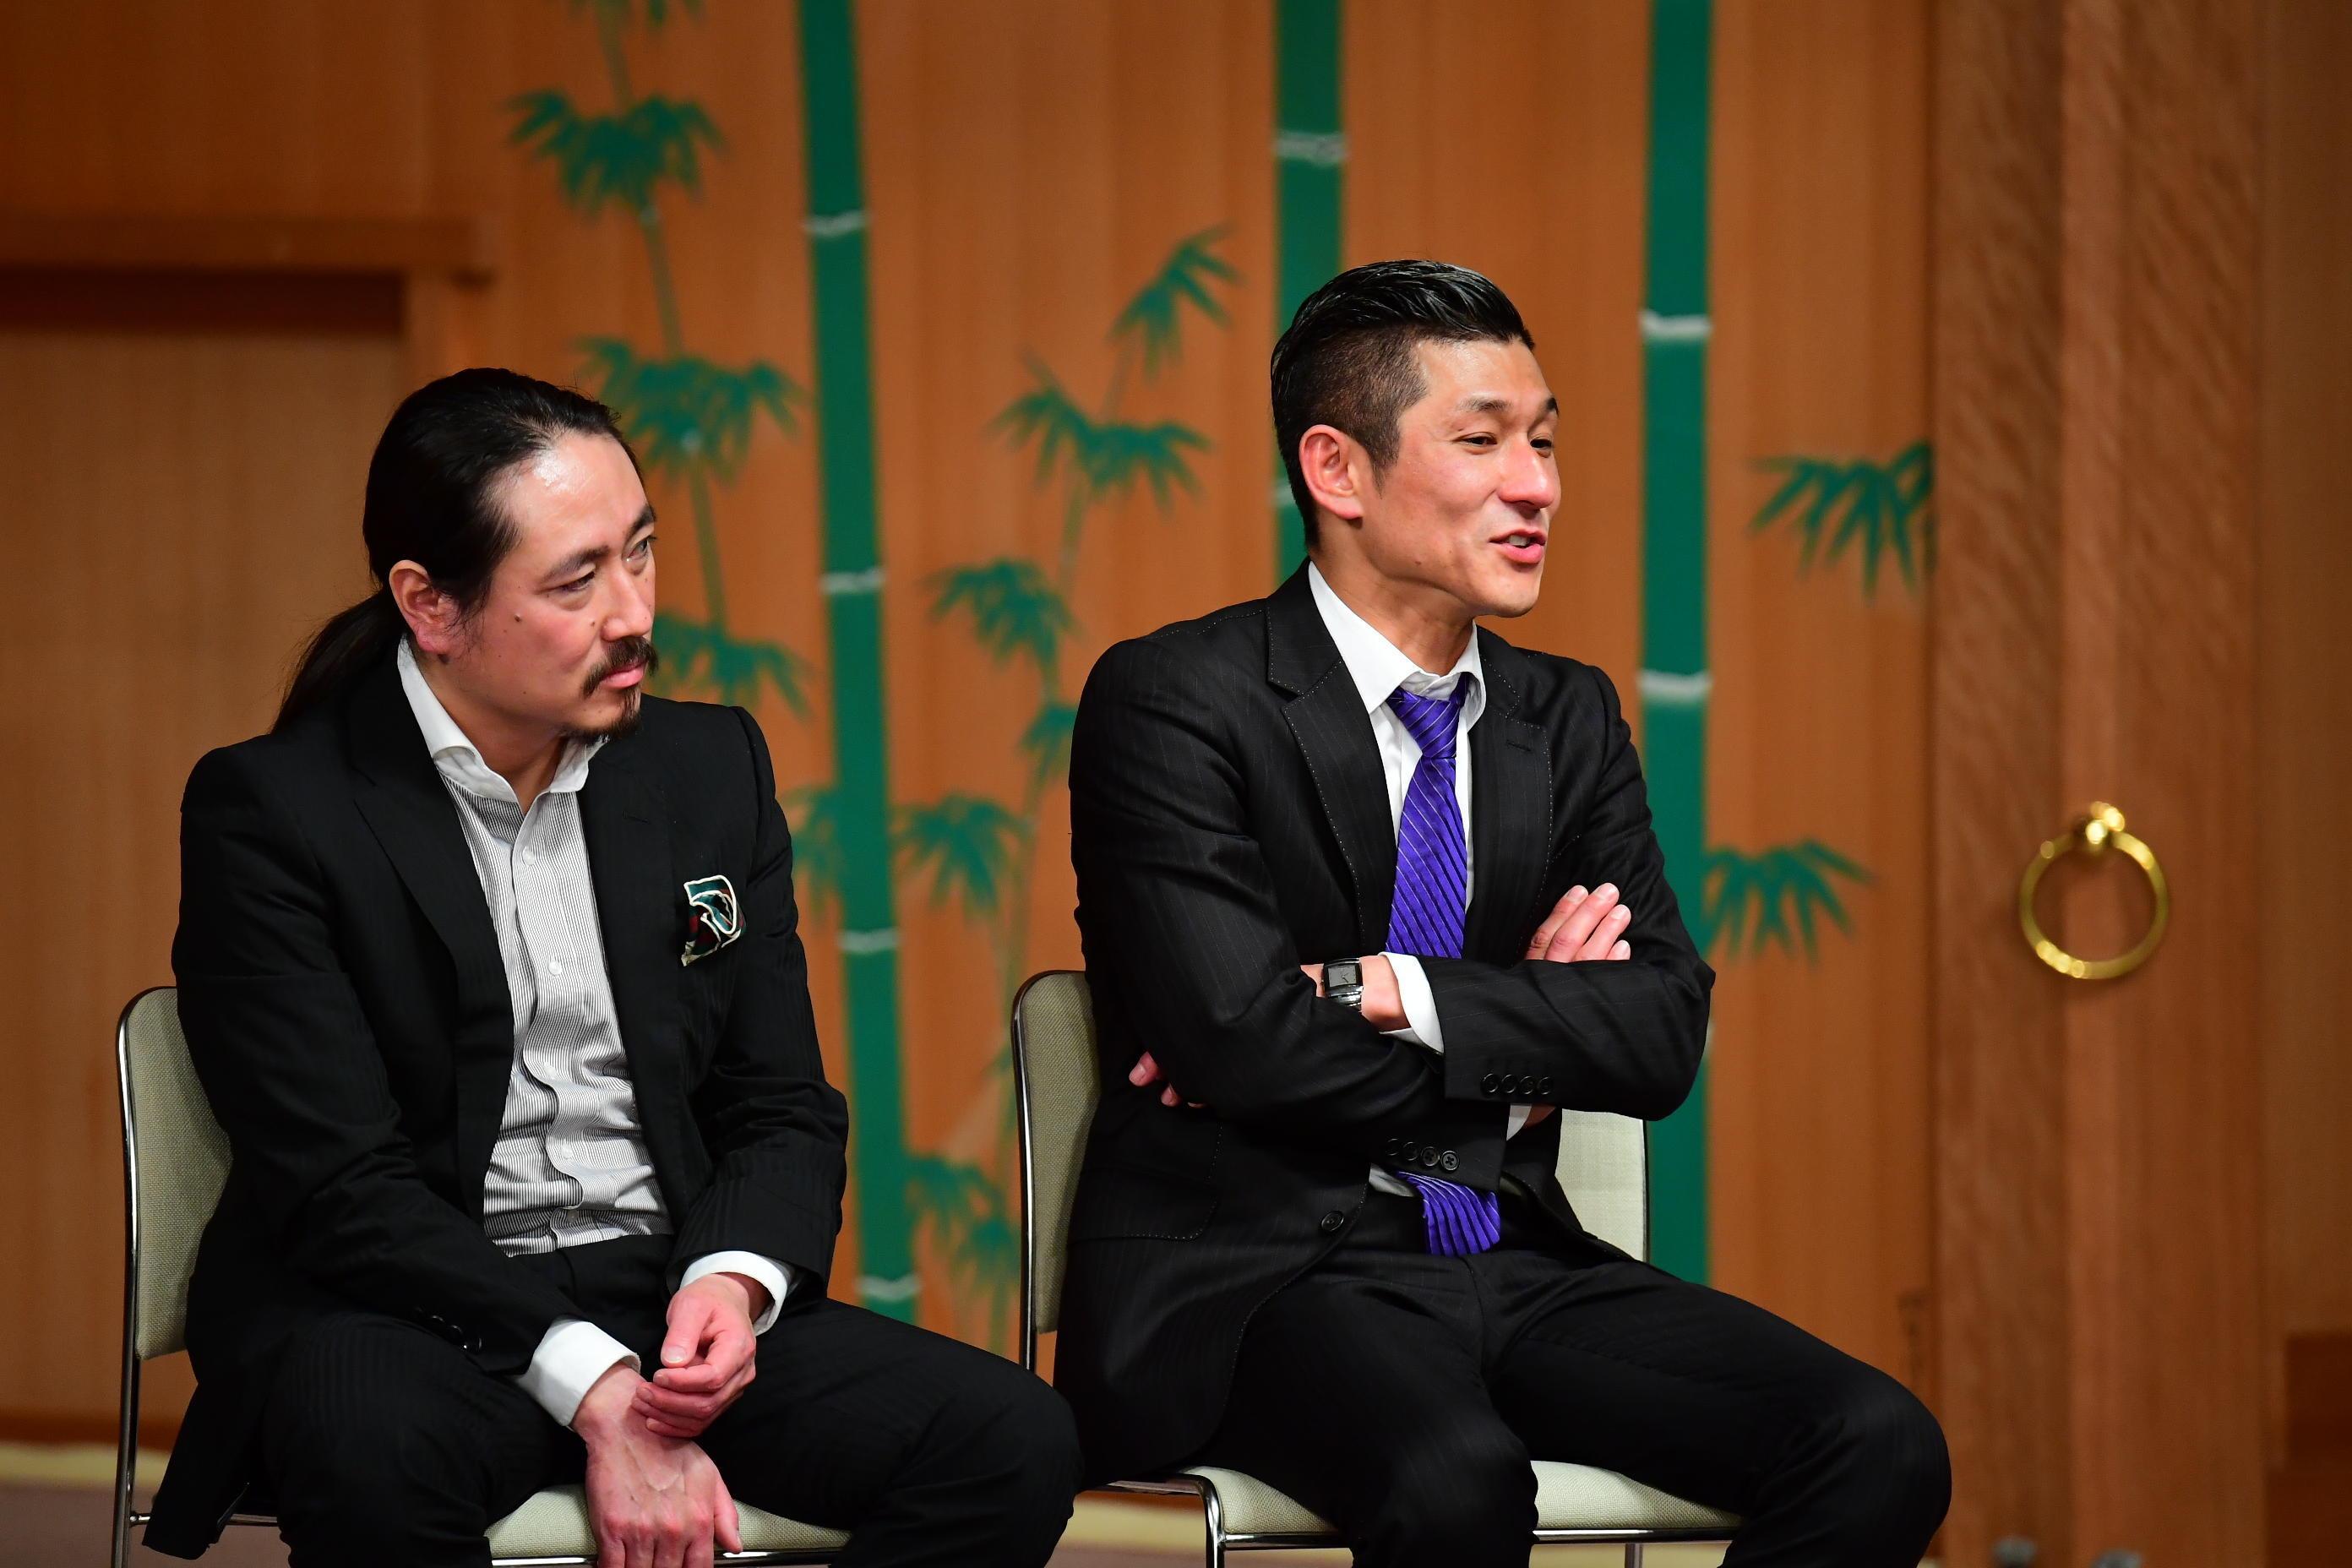 http://news.yoshimoto.co.jp/20170430094911-457690e8c4e40025286c15e54f6582ddcb1a8bc4.jpg